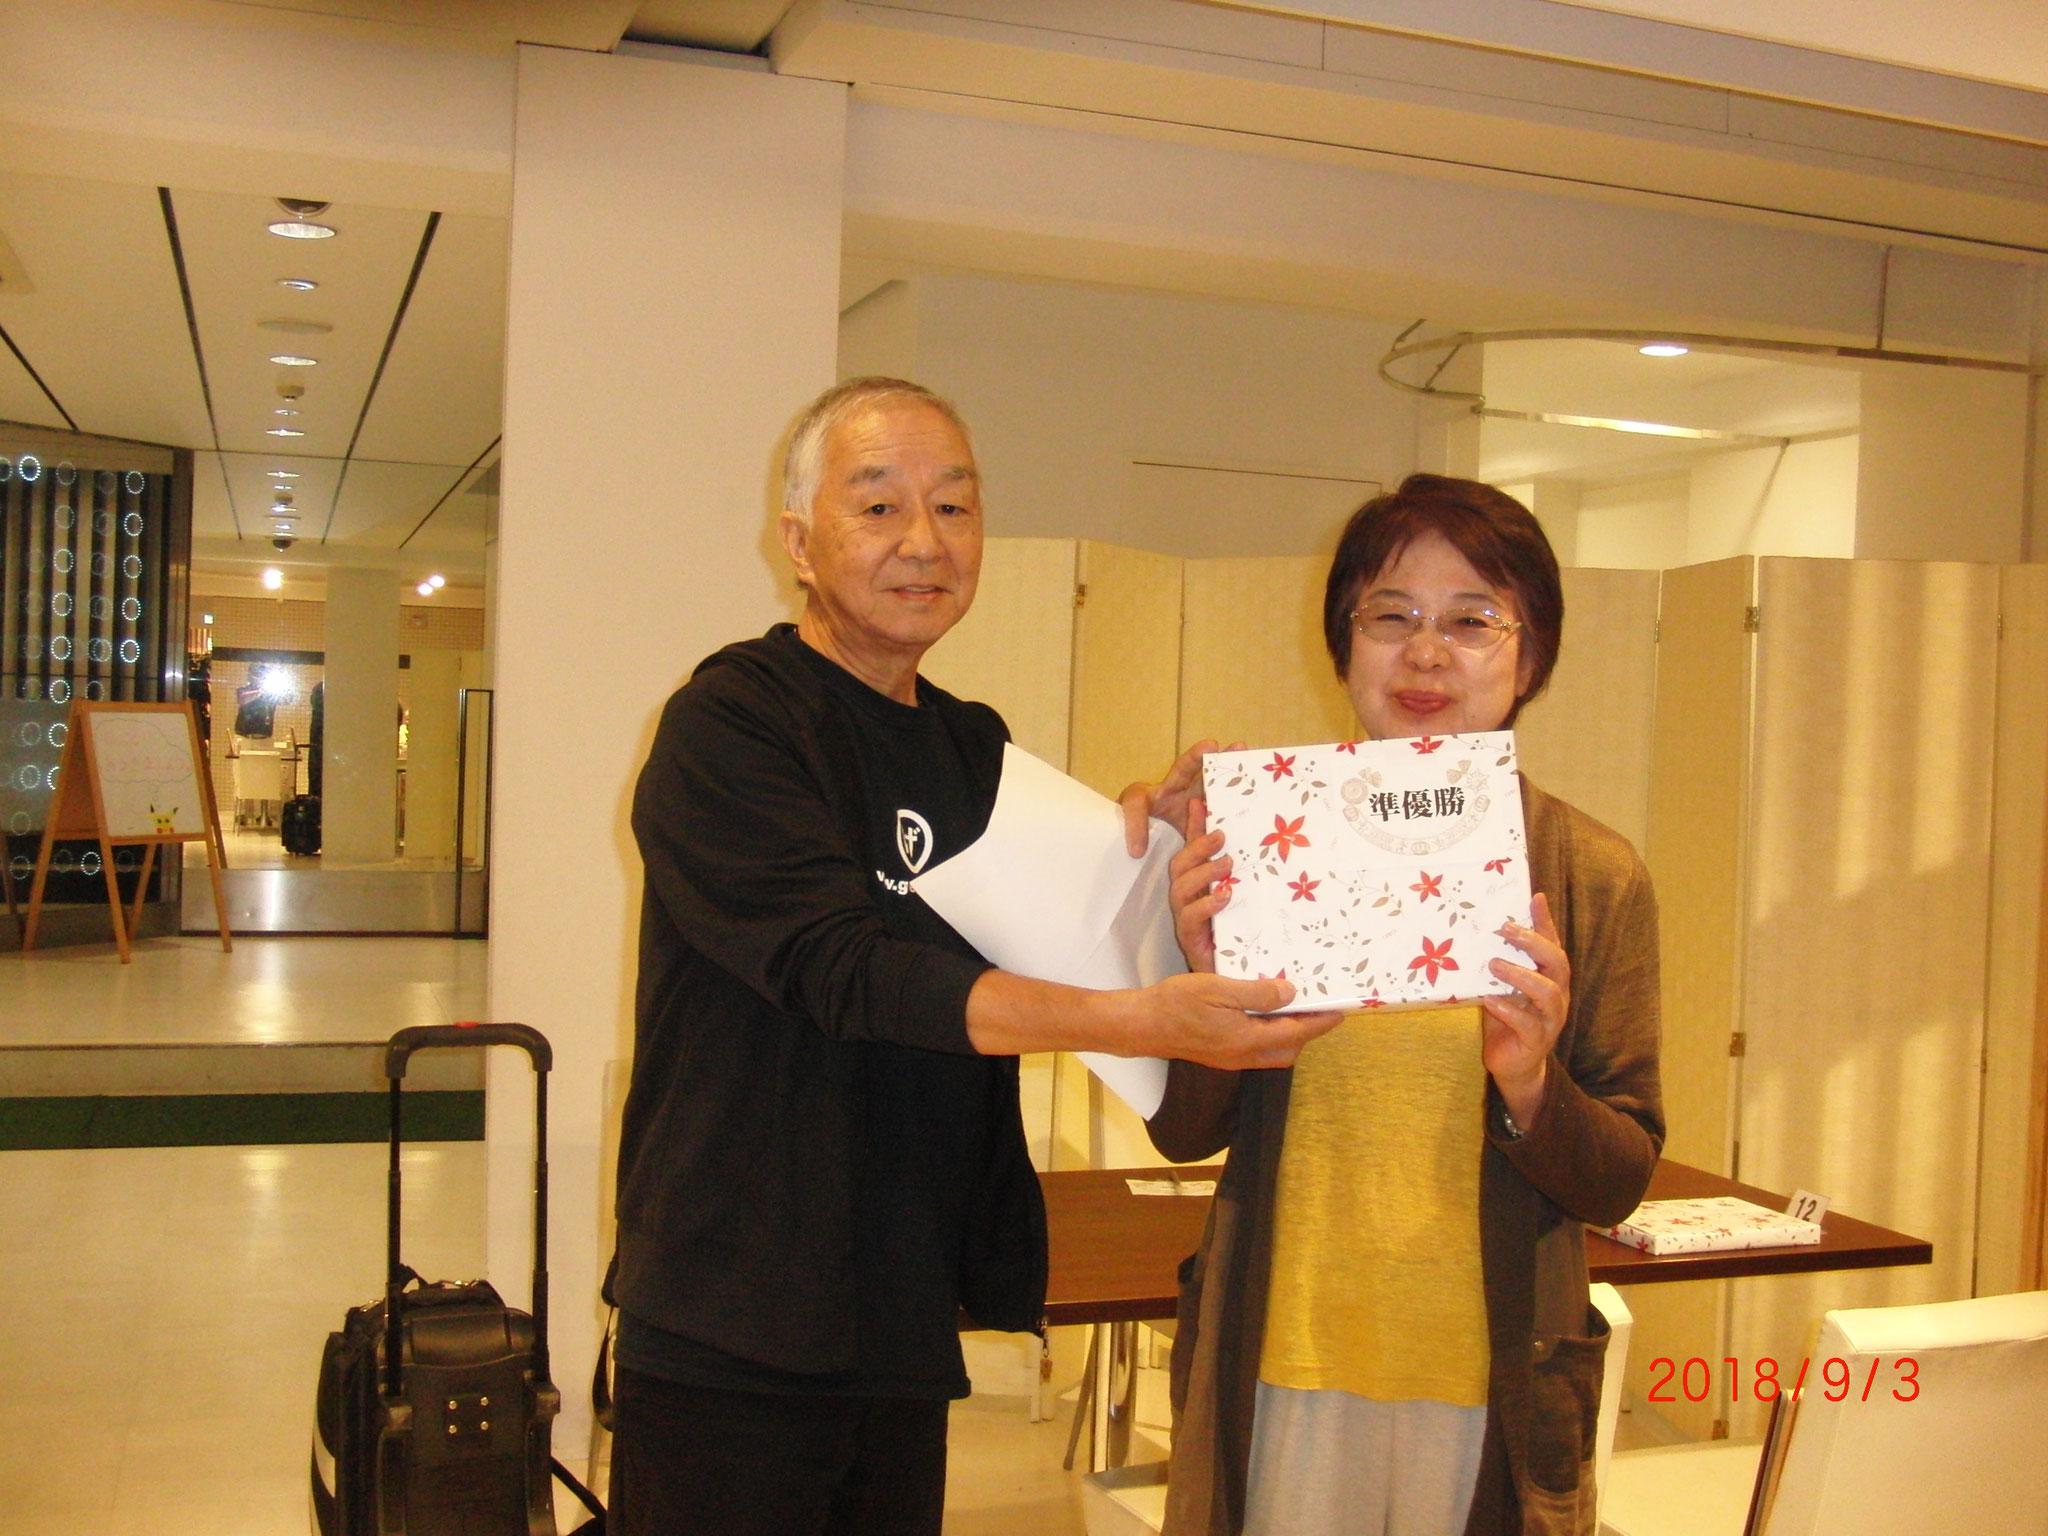 江ノ島杯の準優勝者 : 高山美都子さん